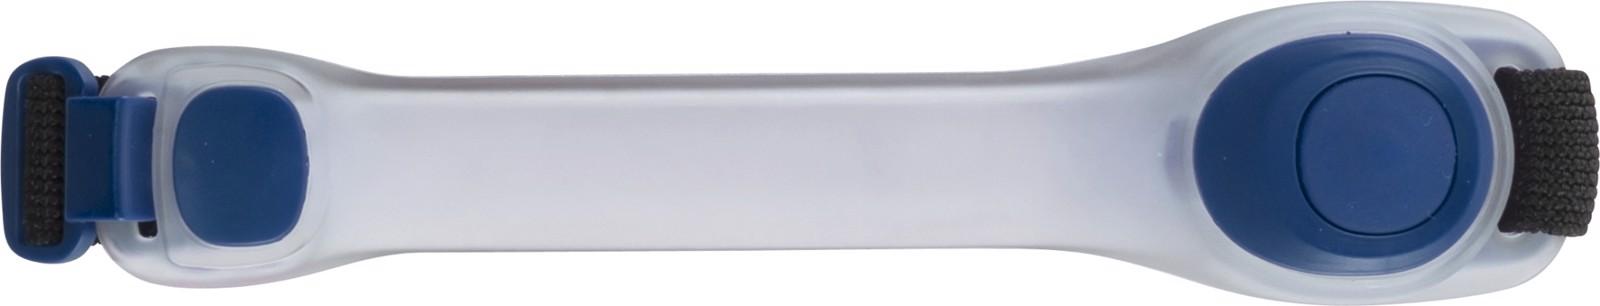 Silicone arm strap - Blue